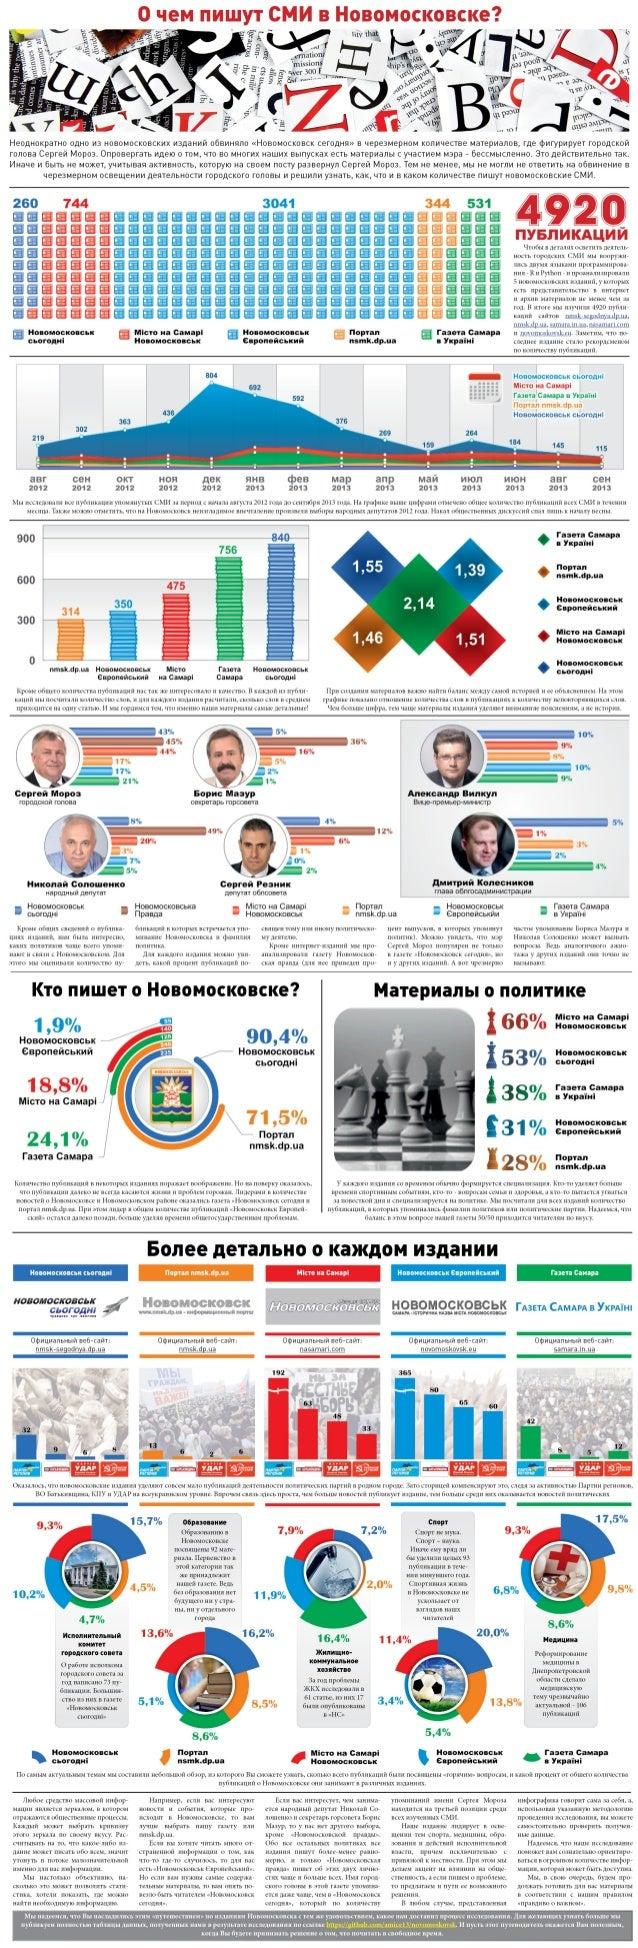 What do Novomoskovsk internet media publish? (ru)